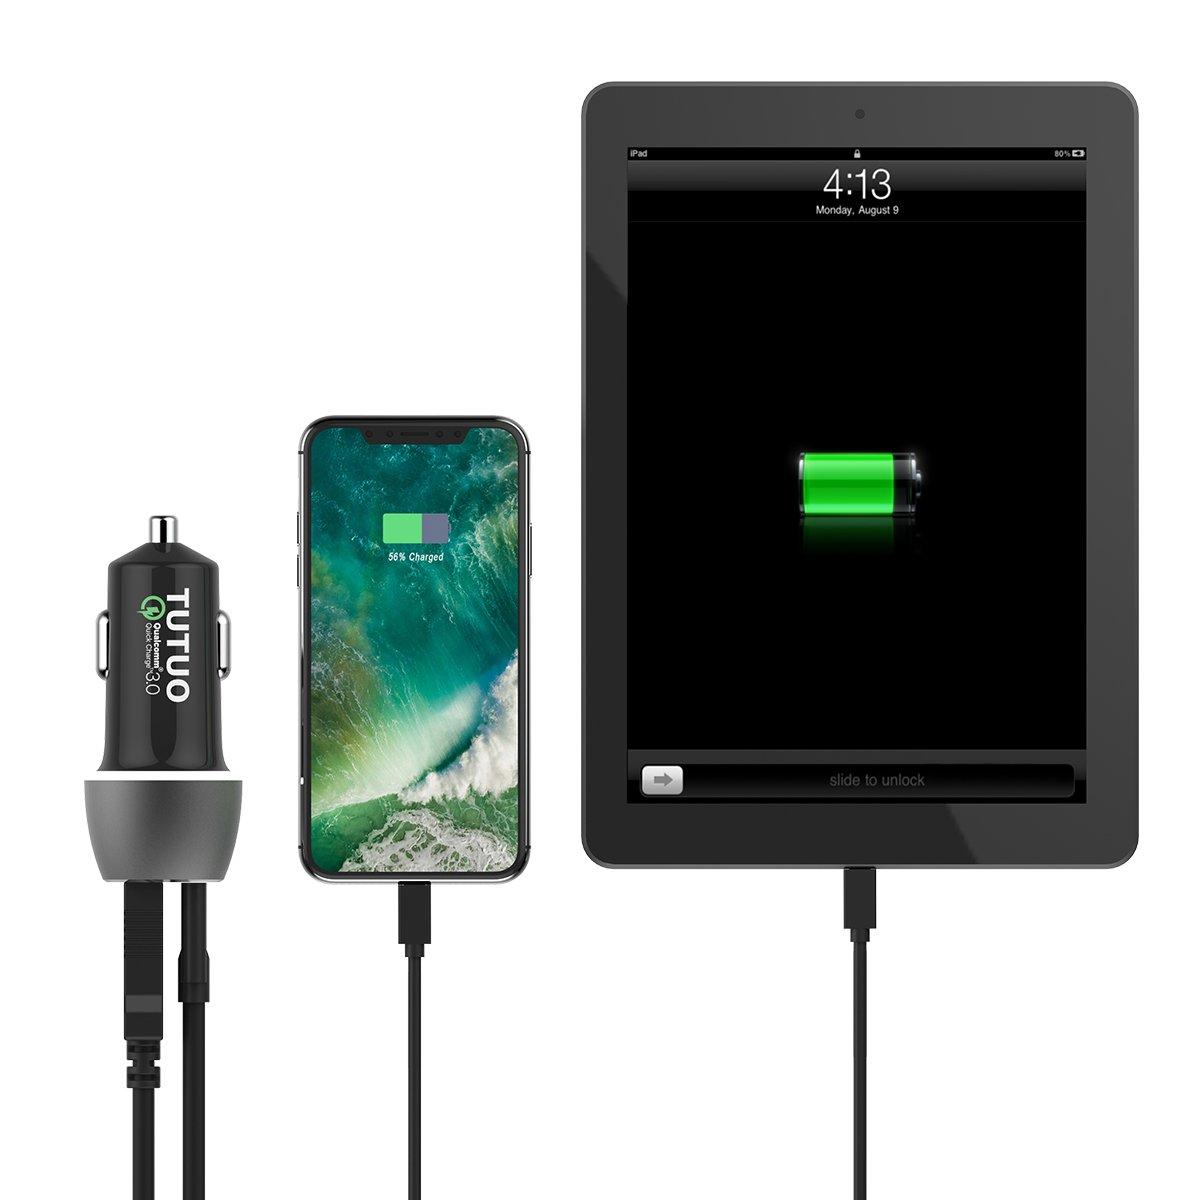 TUTUO Cargador de Coche USB Tipo C Carga Rapida Quick Charge 3.0 33W Doble Puertos Rápido Car Charger Adaptador para iPhone X 8 7 6 Plus, Samsung Note ...